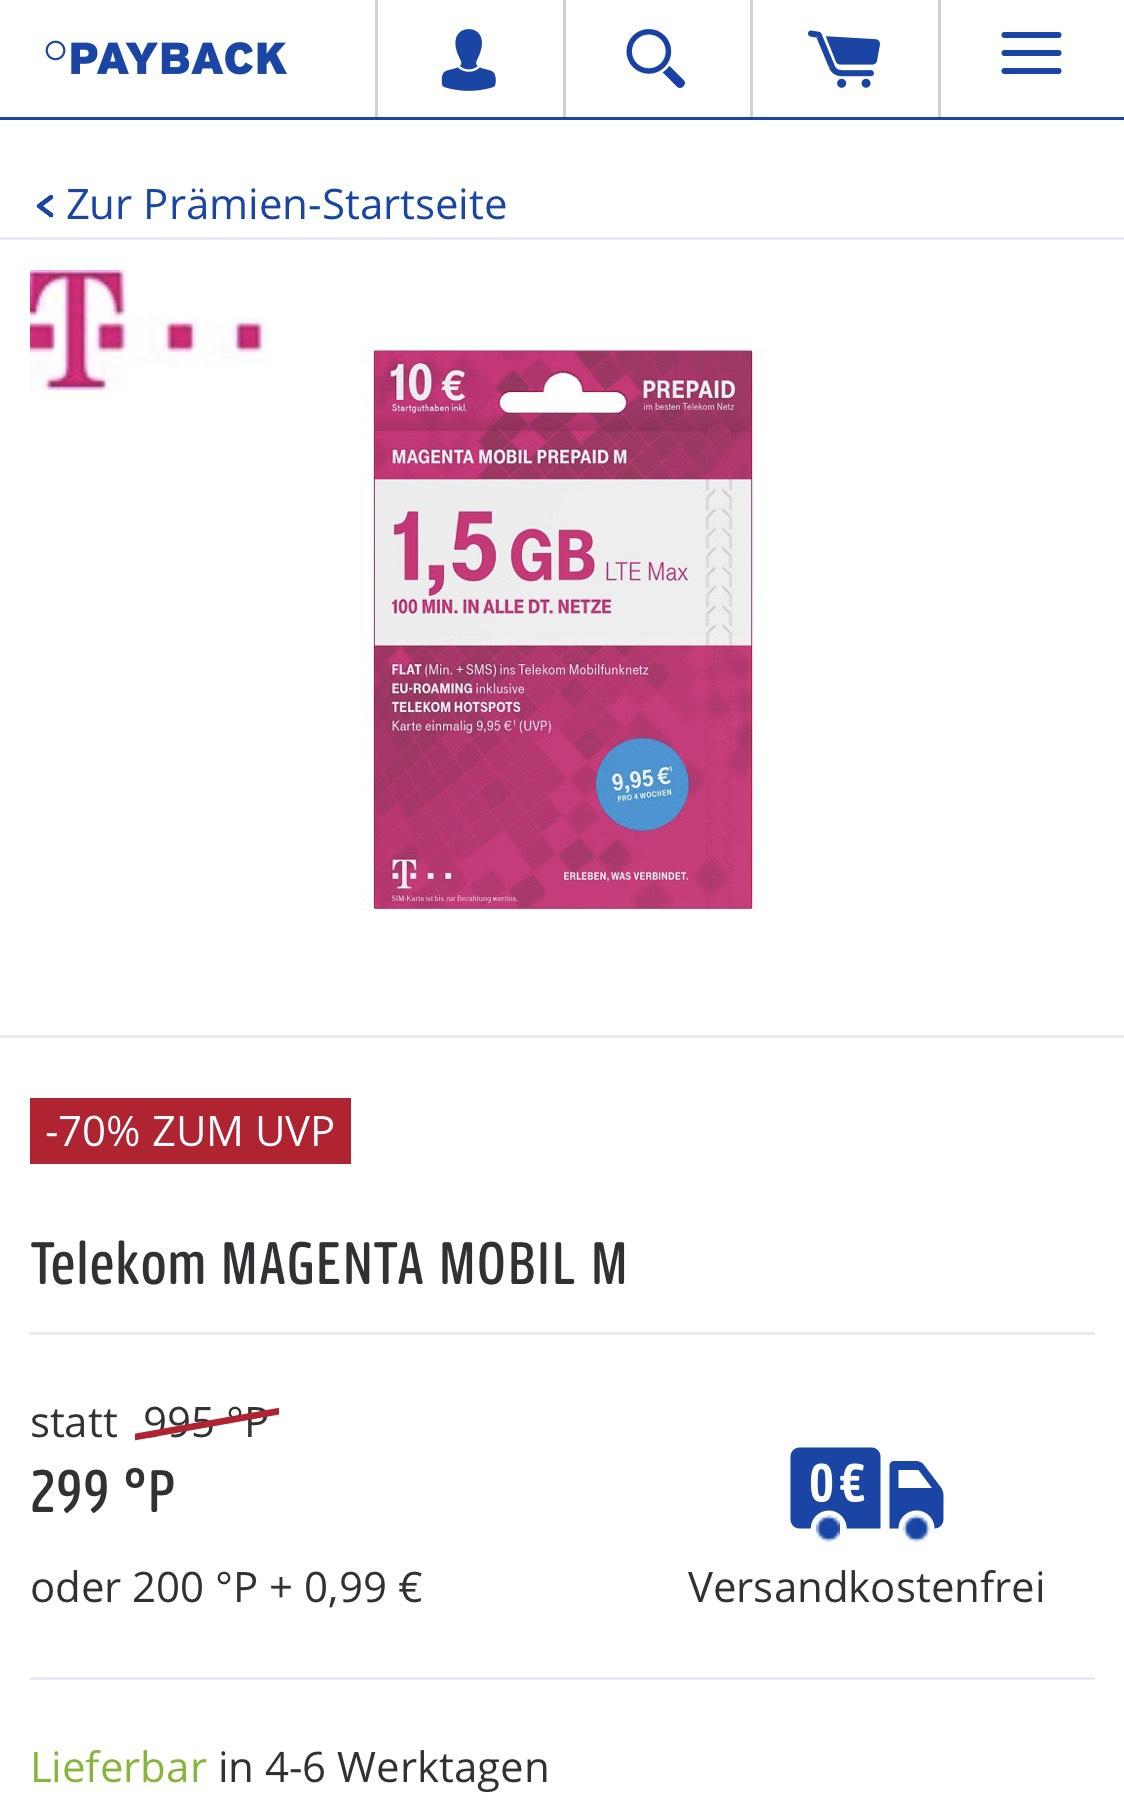 Telekom MAGENTA MOBIL M 1,5 GB mit 10 € Startguthaben